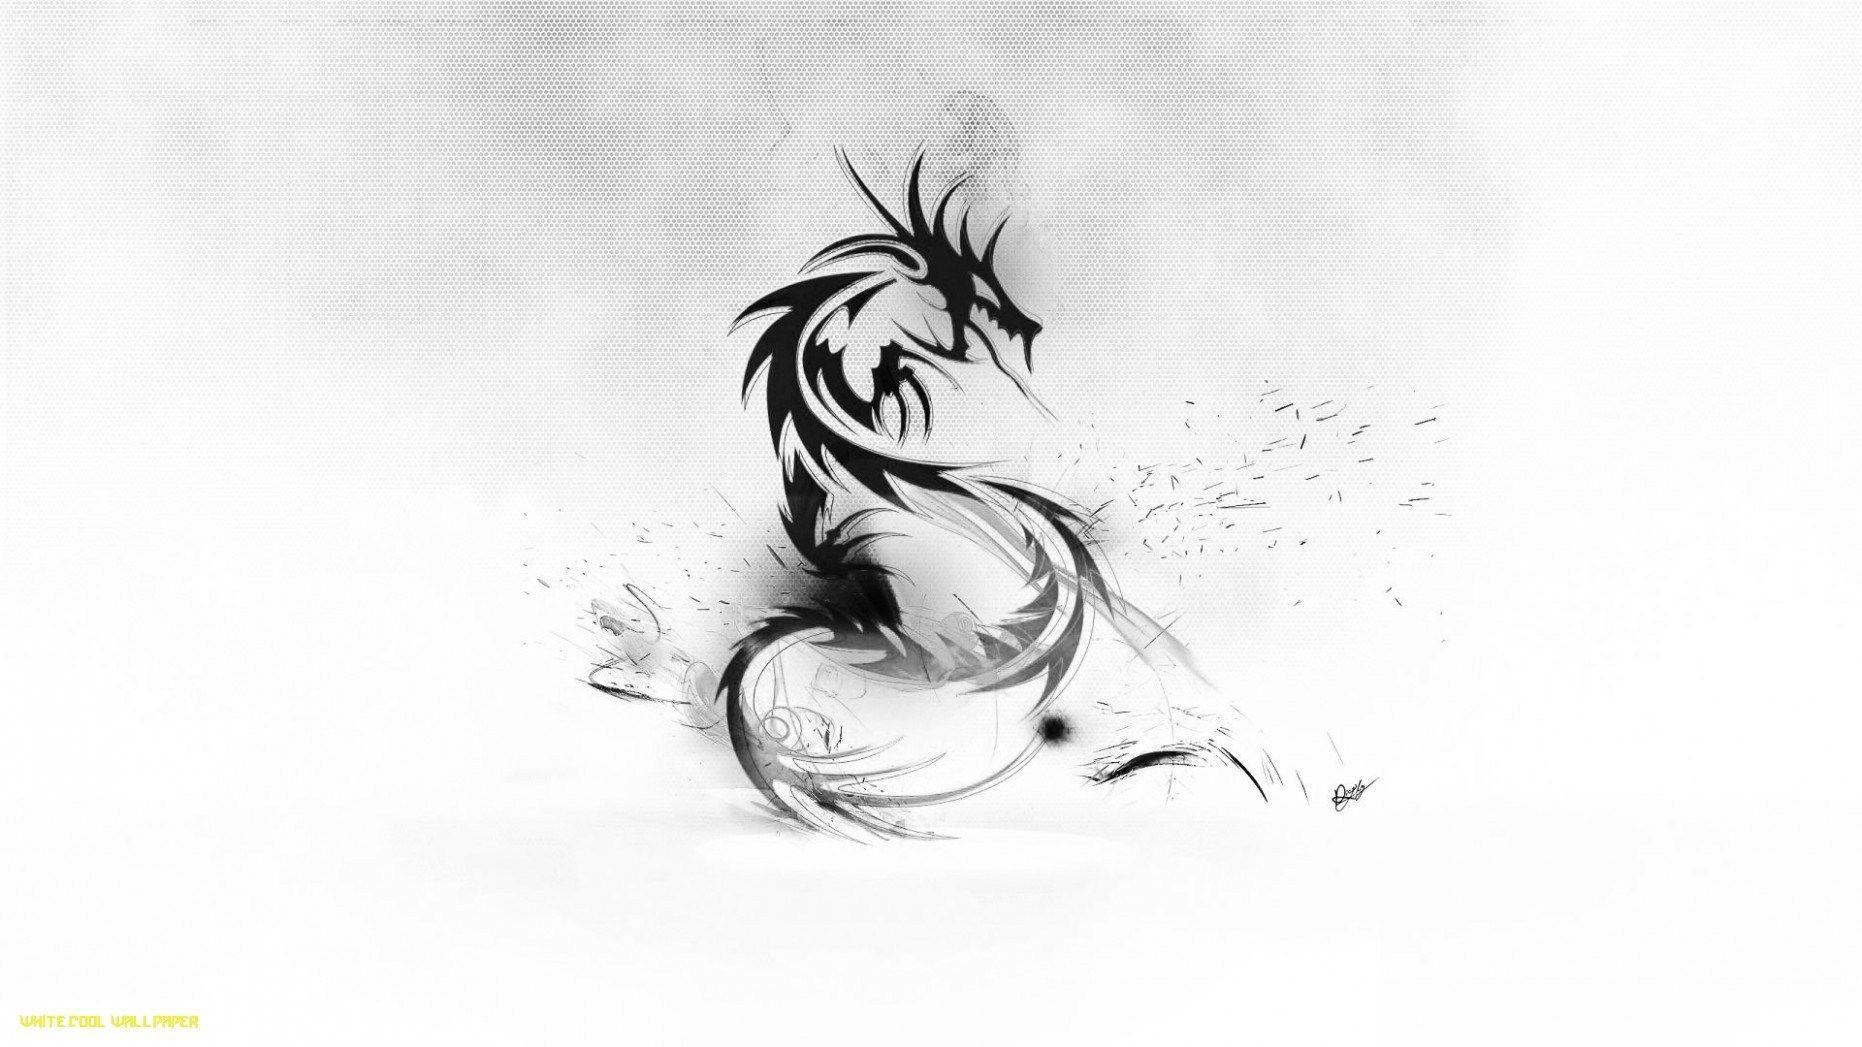 1862x1047 Bản vẽ trừu tượng đen trắng 3 Hình nền HD tuyệt vời